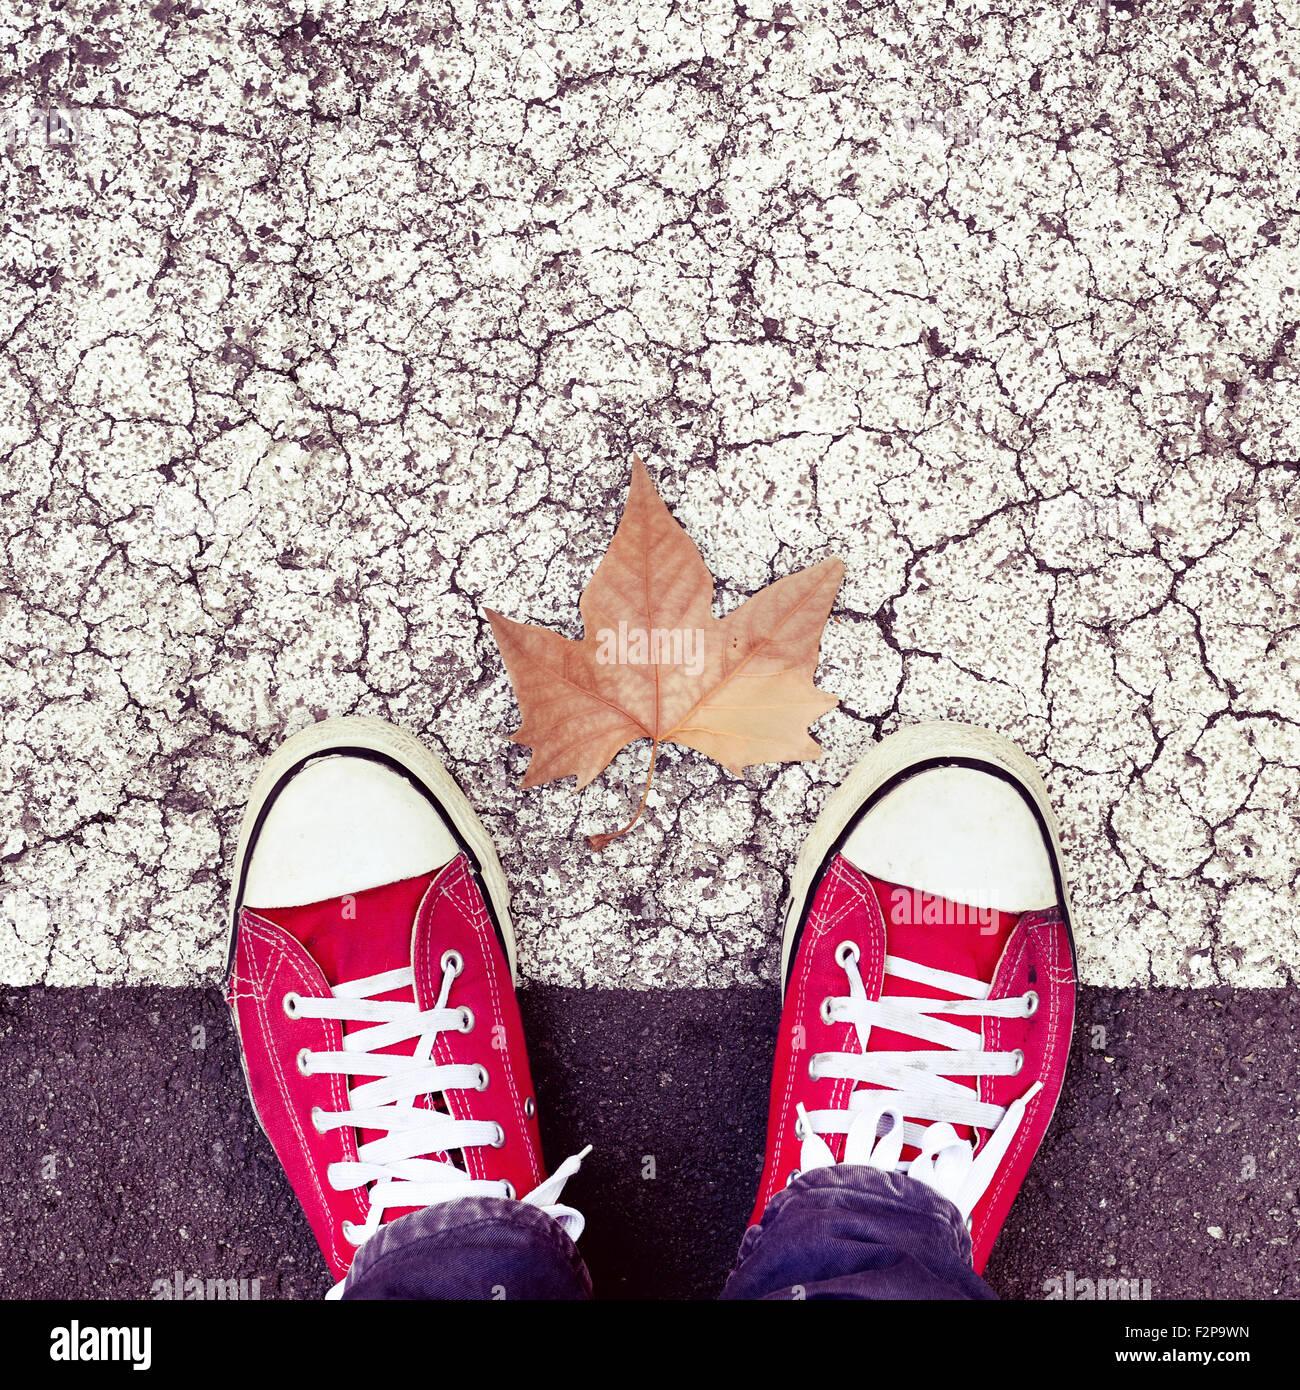 Disparo de alto ángulo de una hoja seca y los pies de un hombre que llevaba zapatillas sobre el asfalto rojo Imagen De Stock